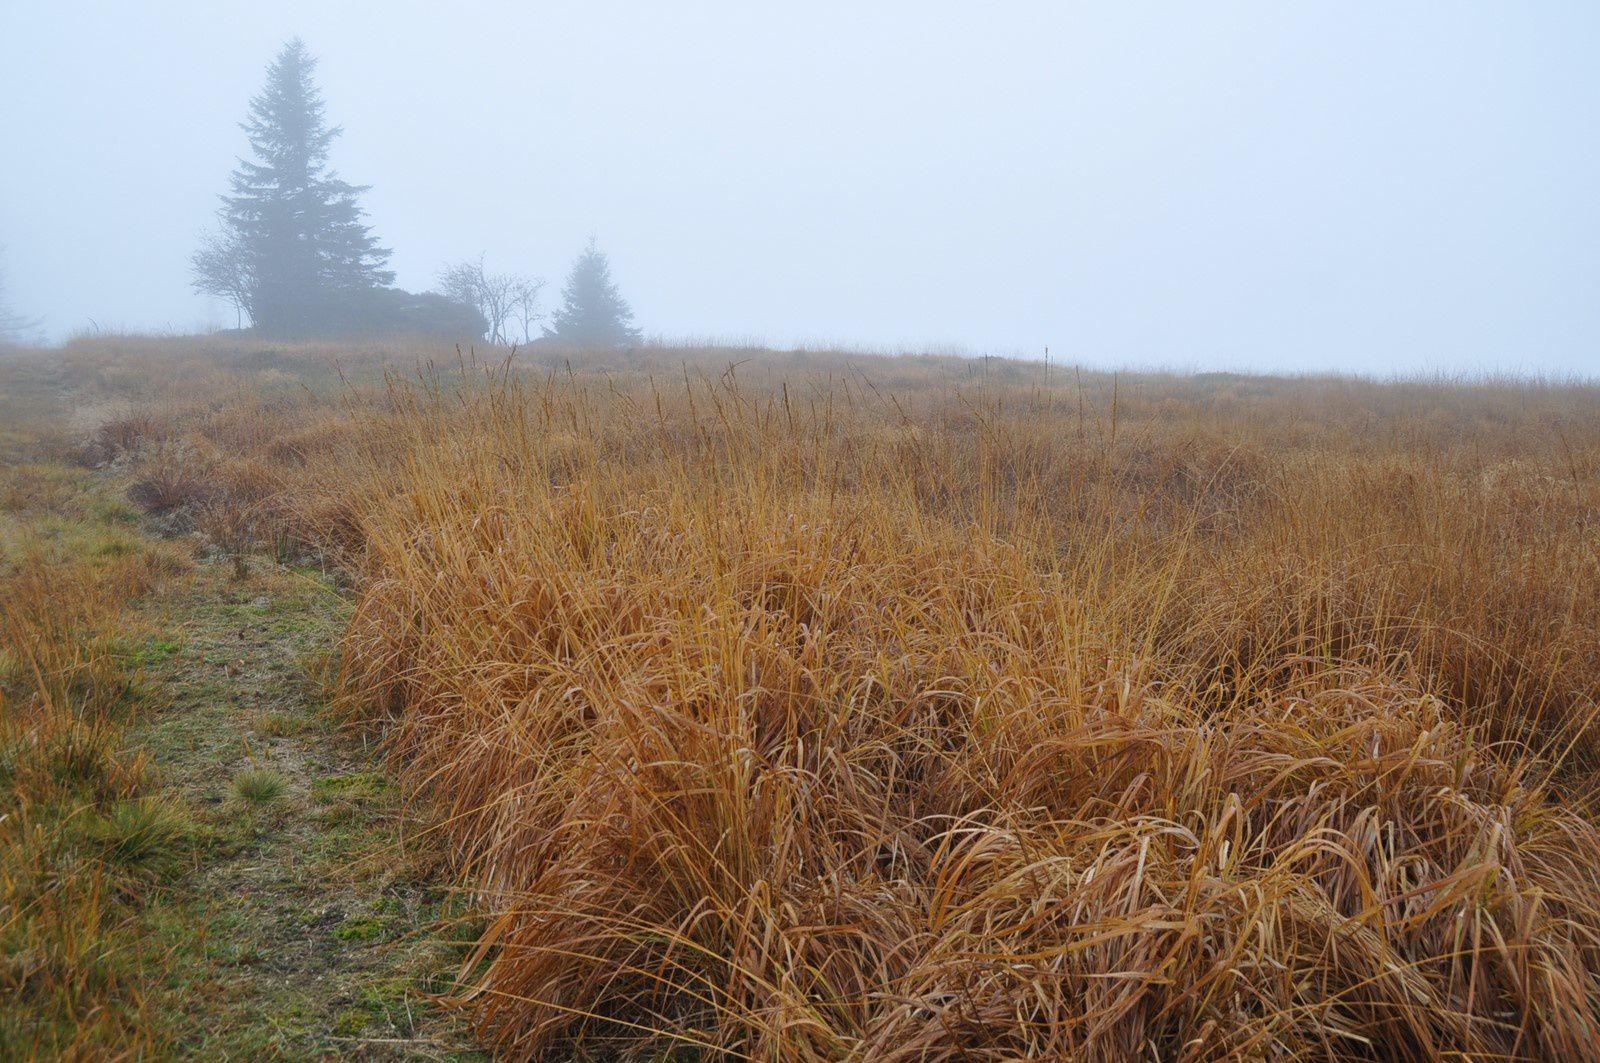 La chaume du Noll dans le brouillard .... Aucune chance, hélas, de bénéficier de sa superbe vue !